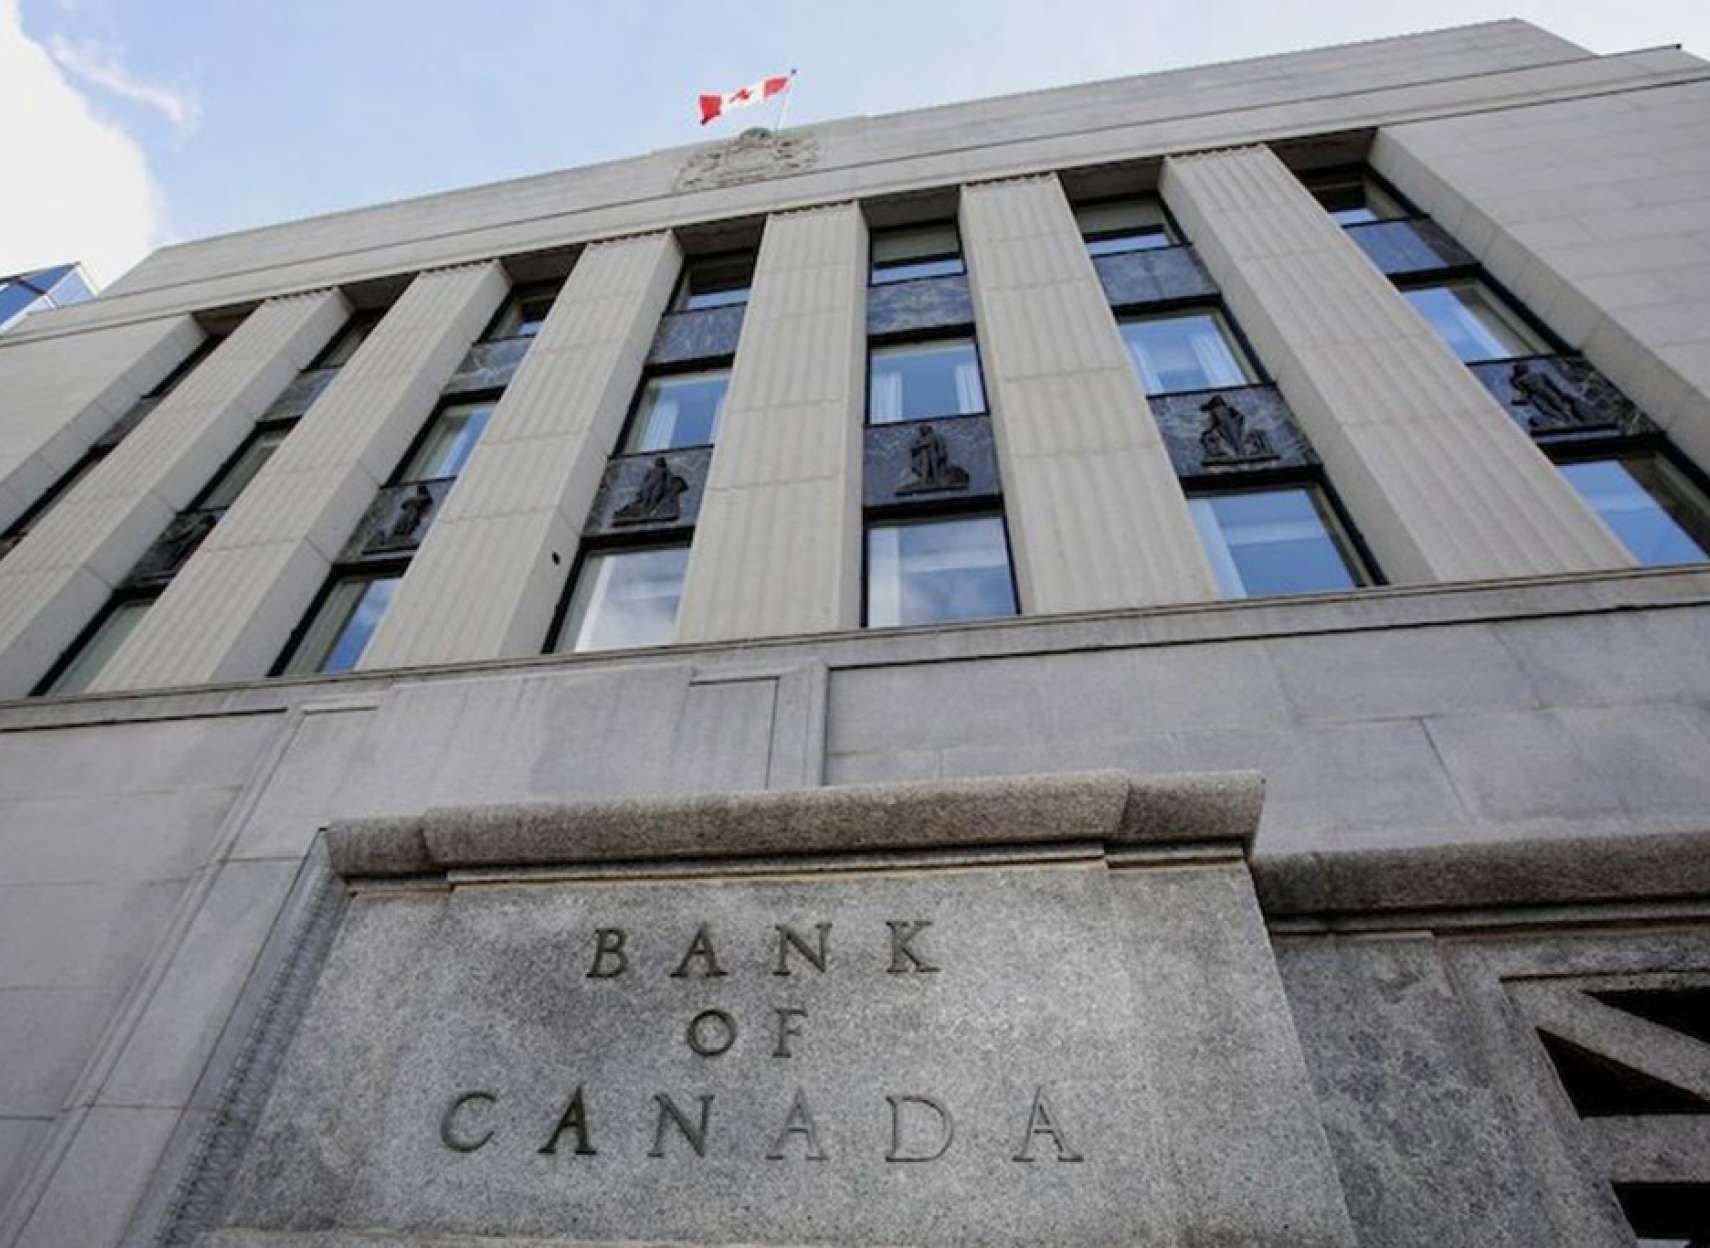 اخبار-کانادا-بانک-مرکزی-مسئول-نرخ-برابری-ارزش-مالی-میشود